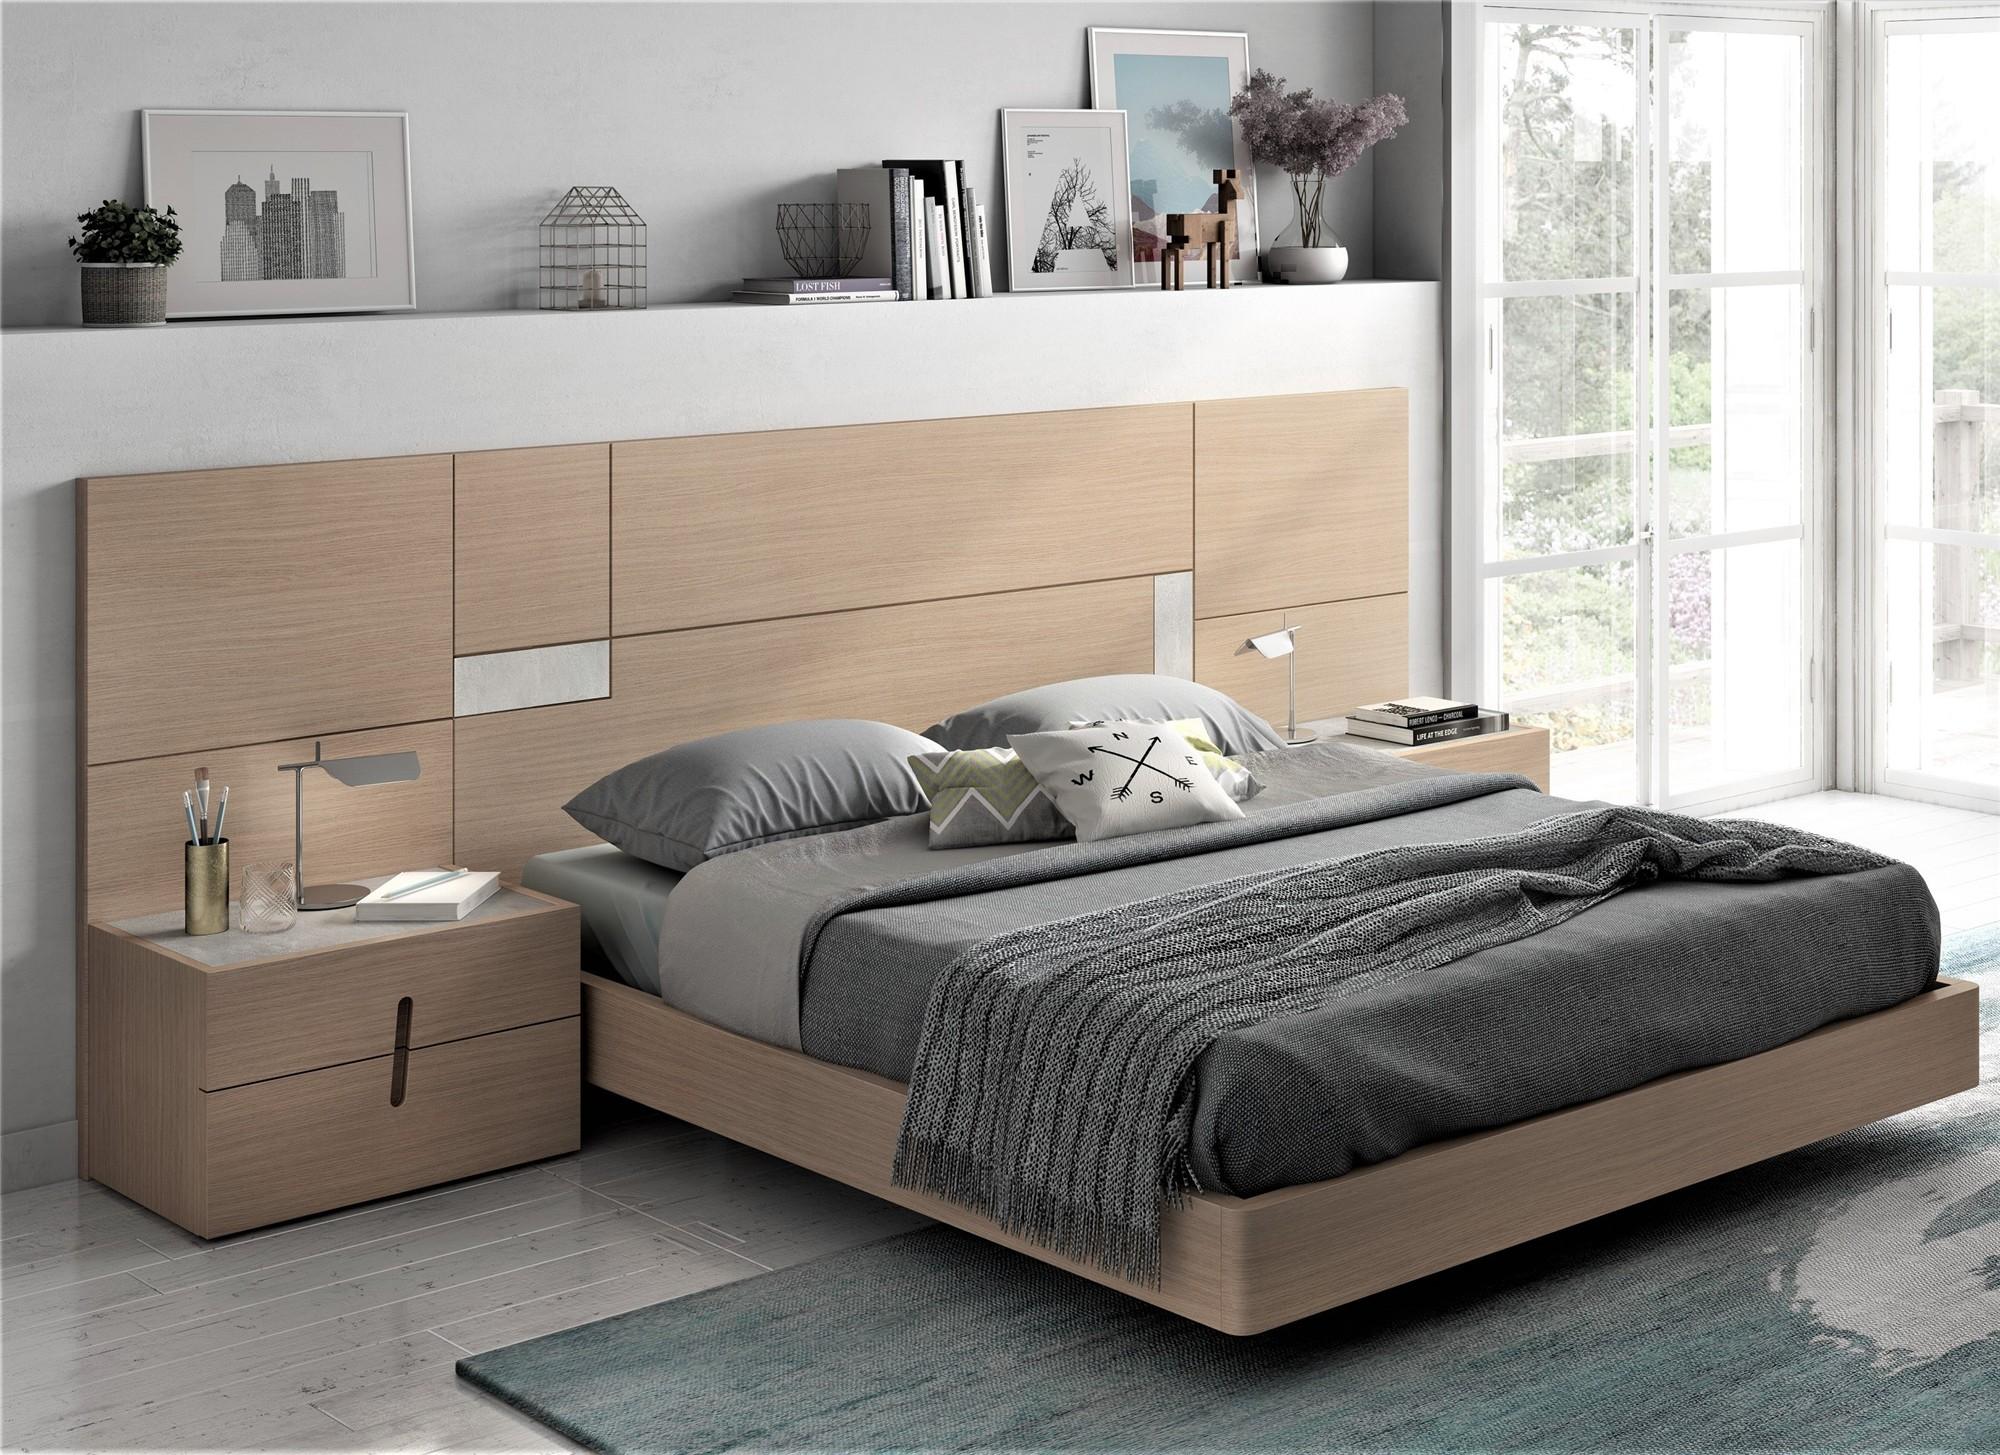 Rezultat iskanja slik za modern bed